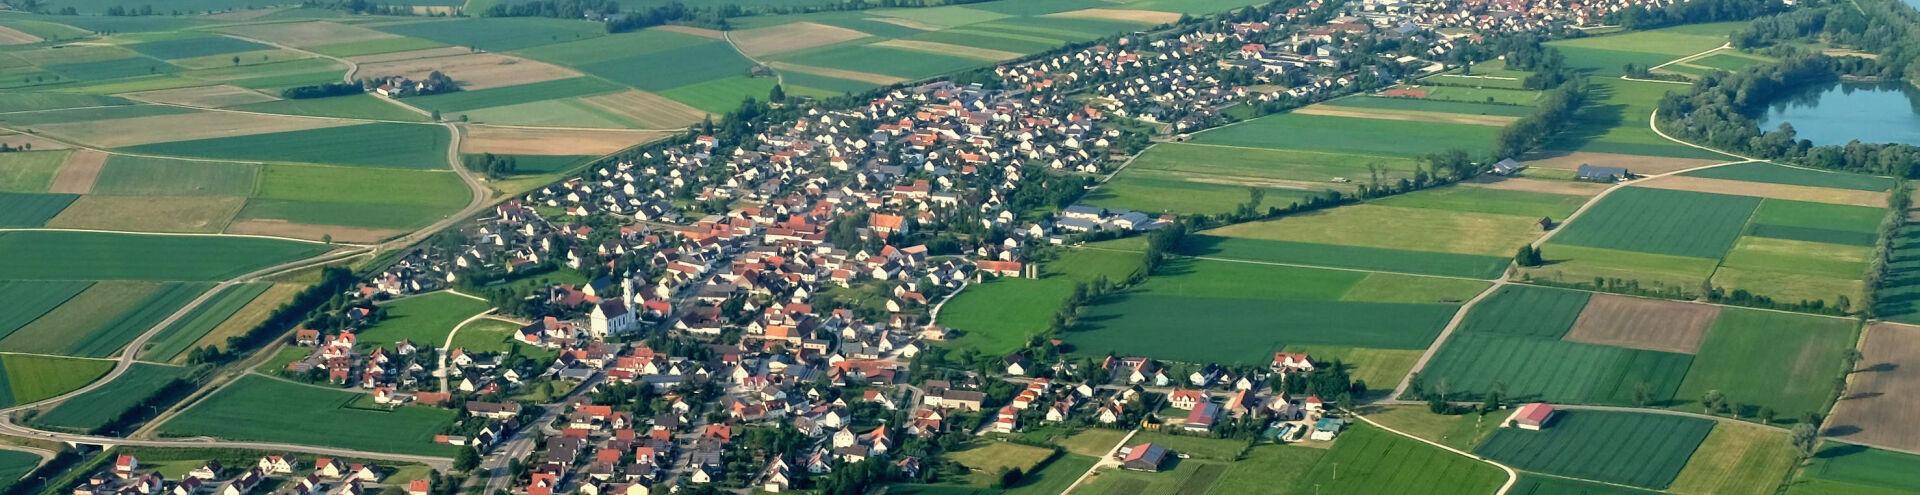 Luftbild Tapfheim